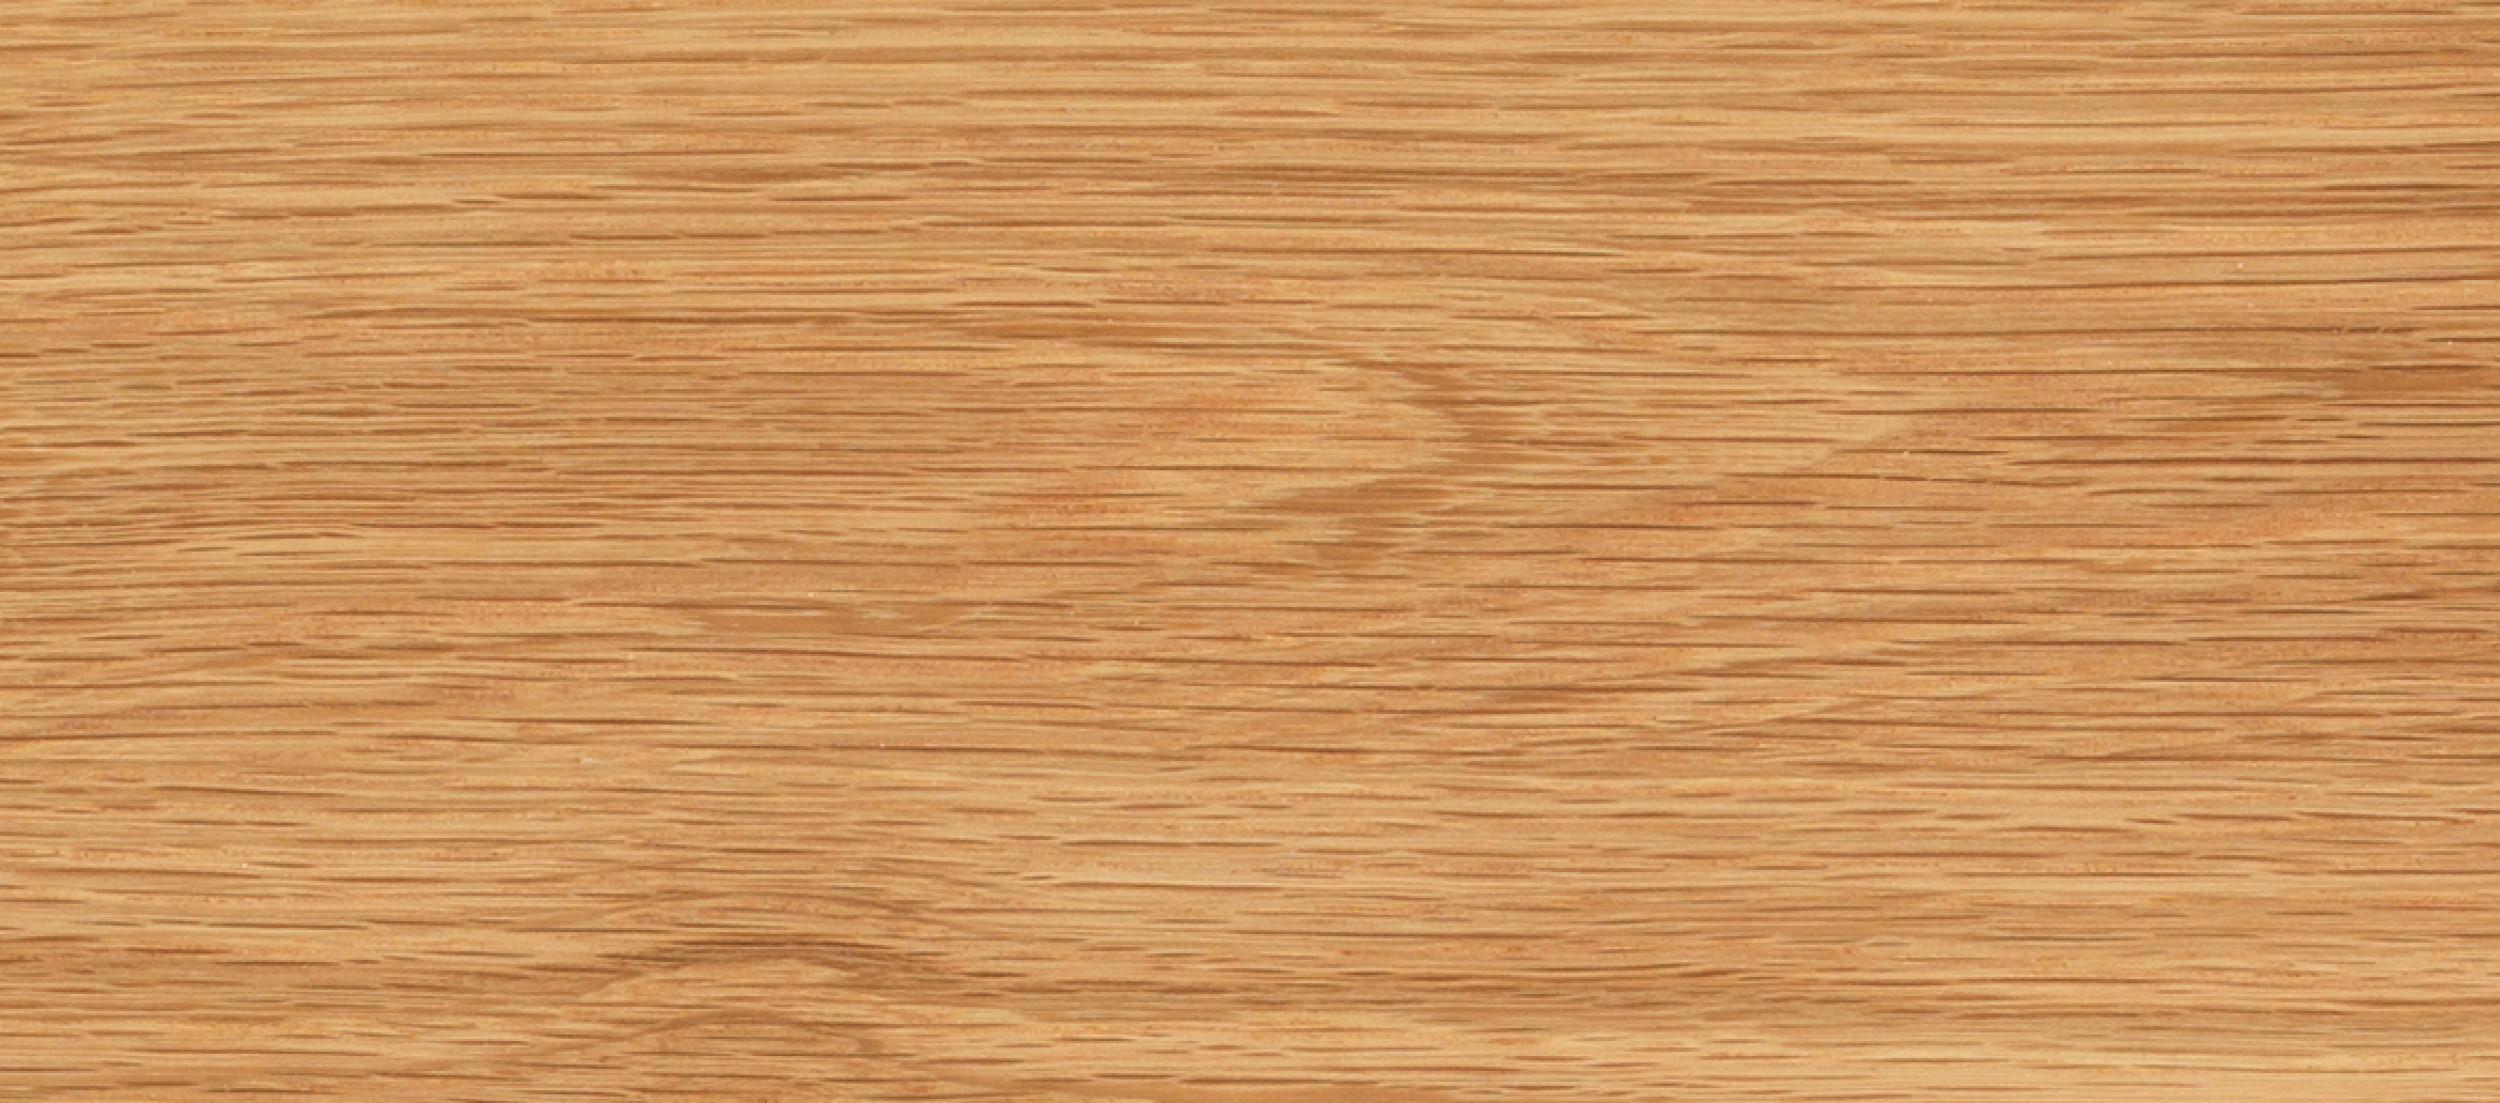 oak wood grain wallpaper  41  images